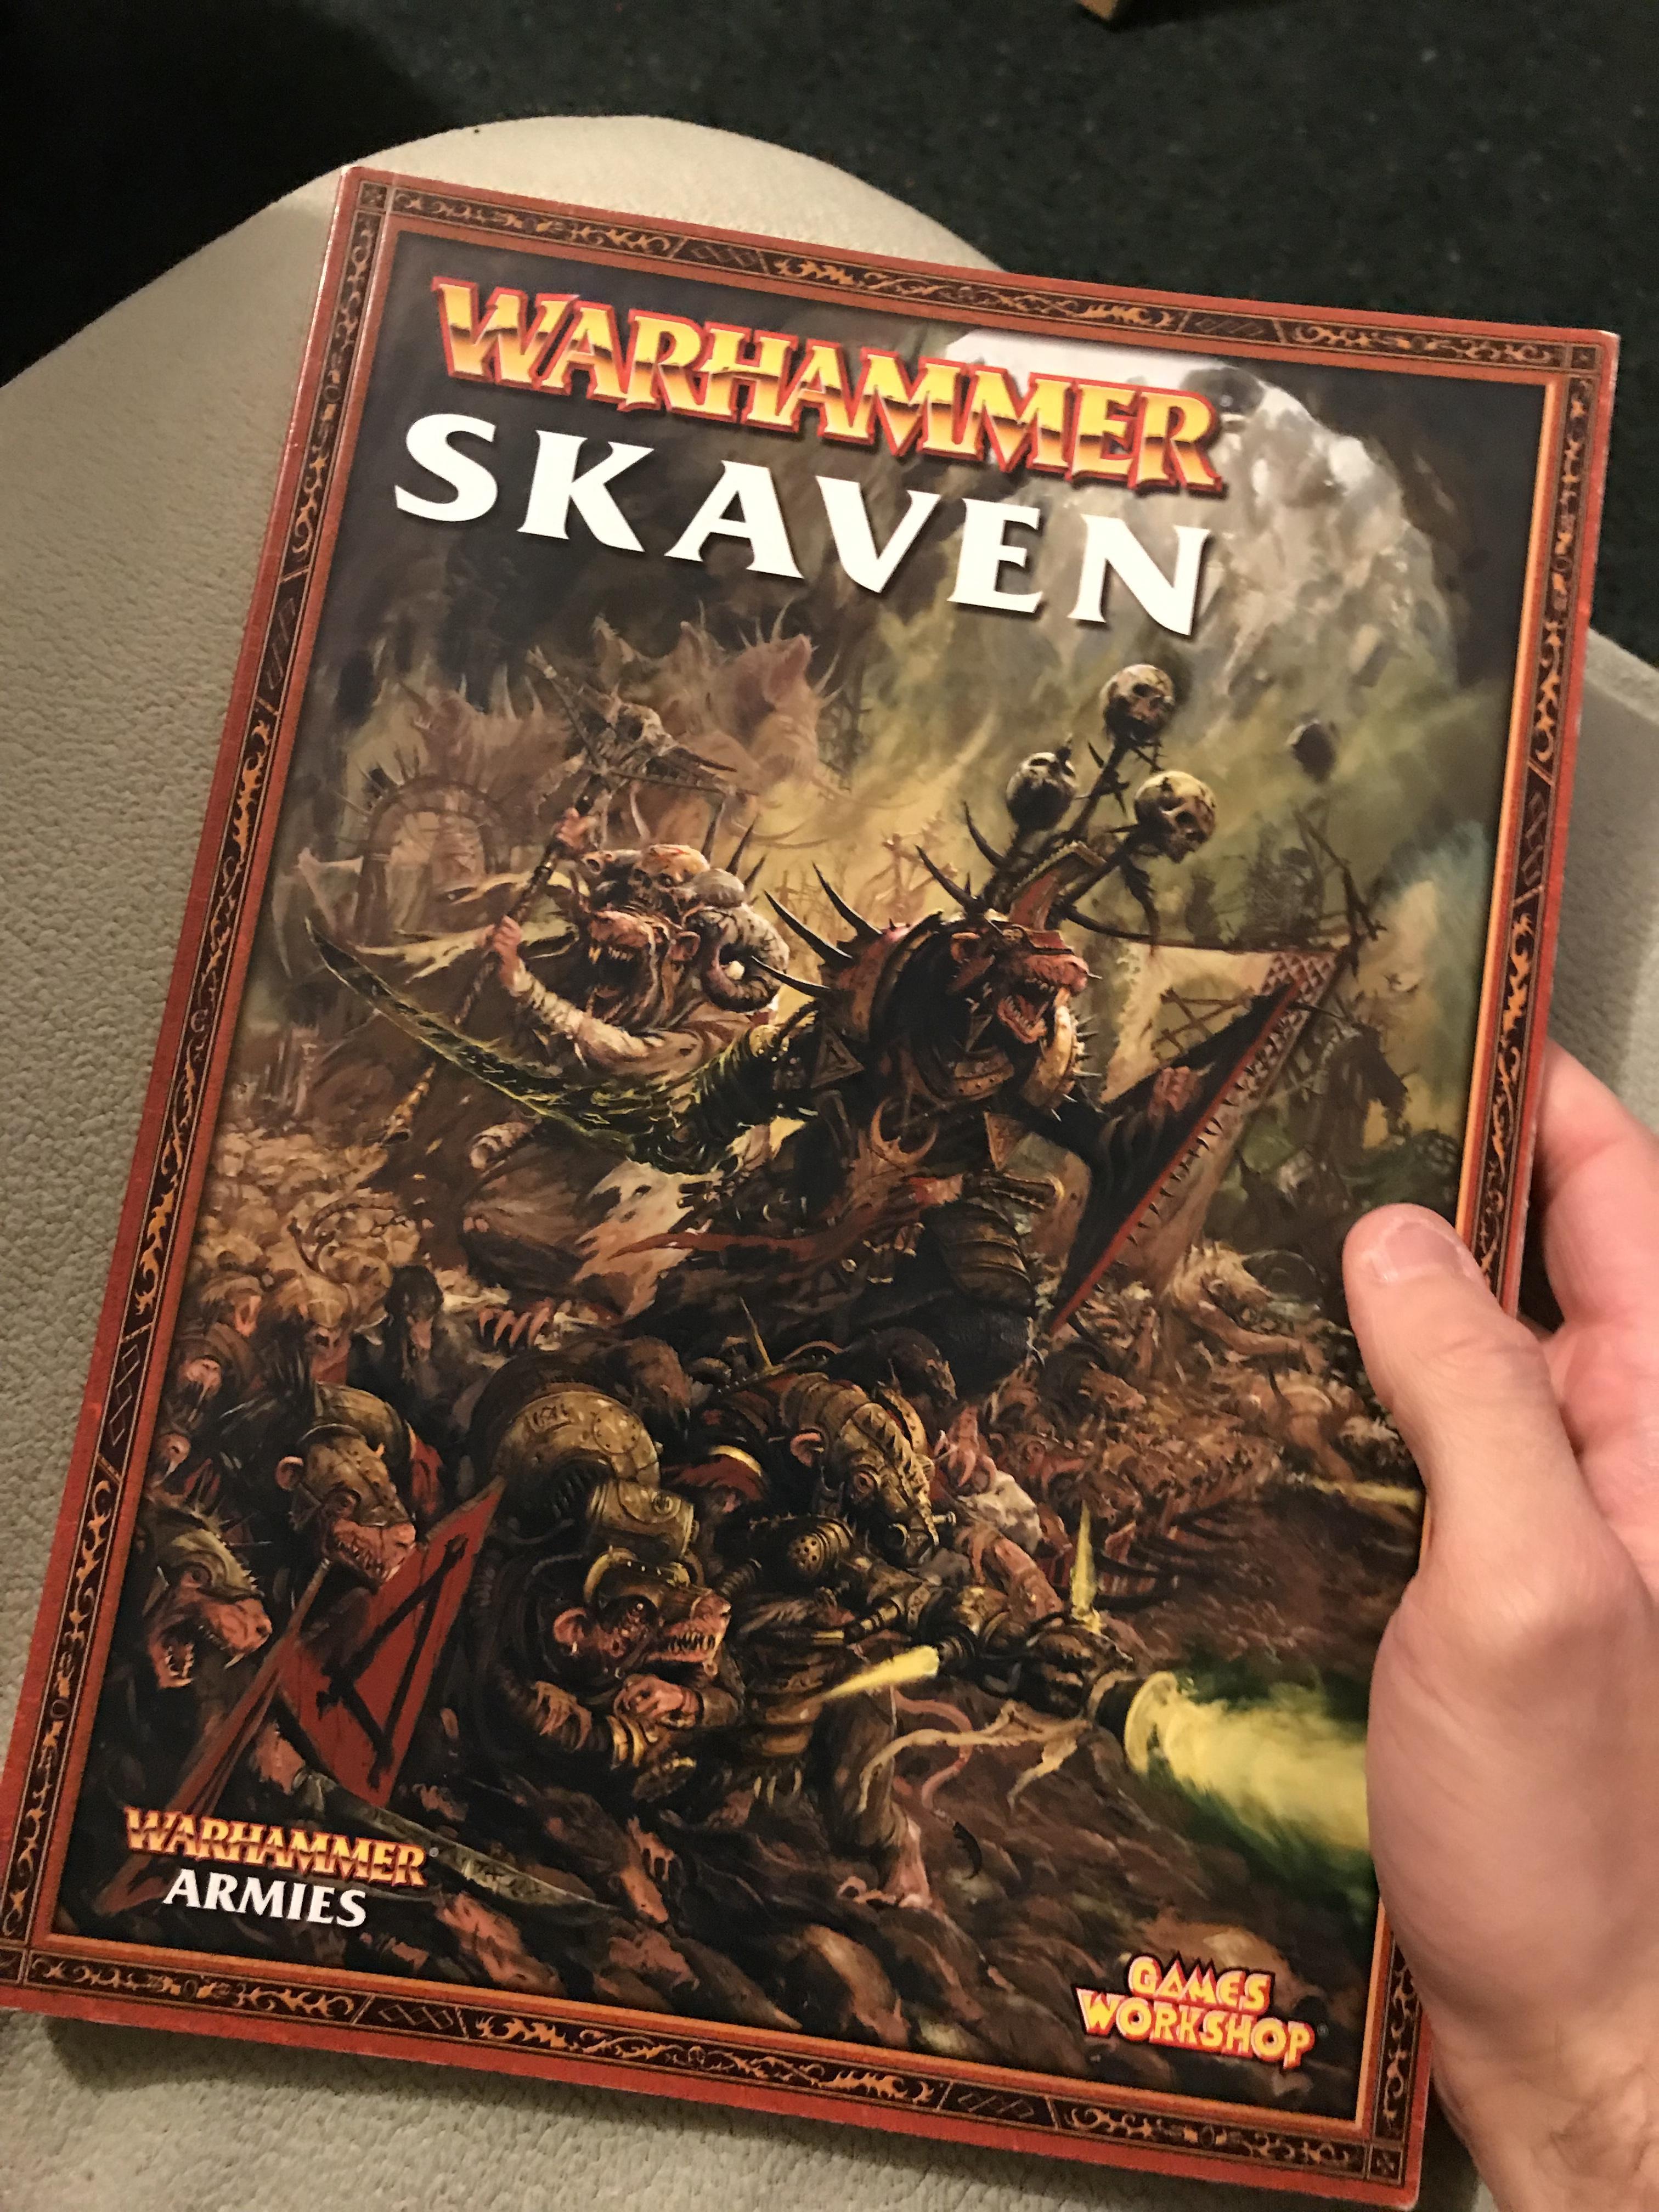 7th, Army, Artwork, Battle, Book, Edition, Skaven, Warhammer Fantasy